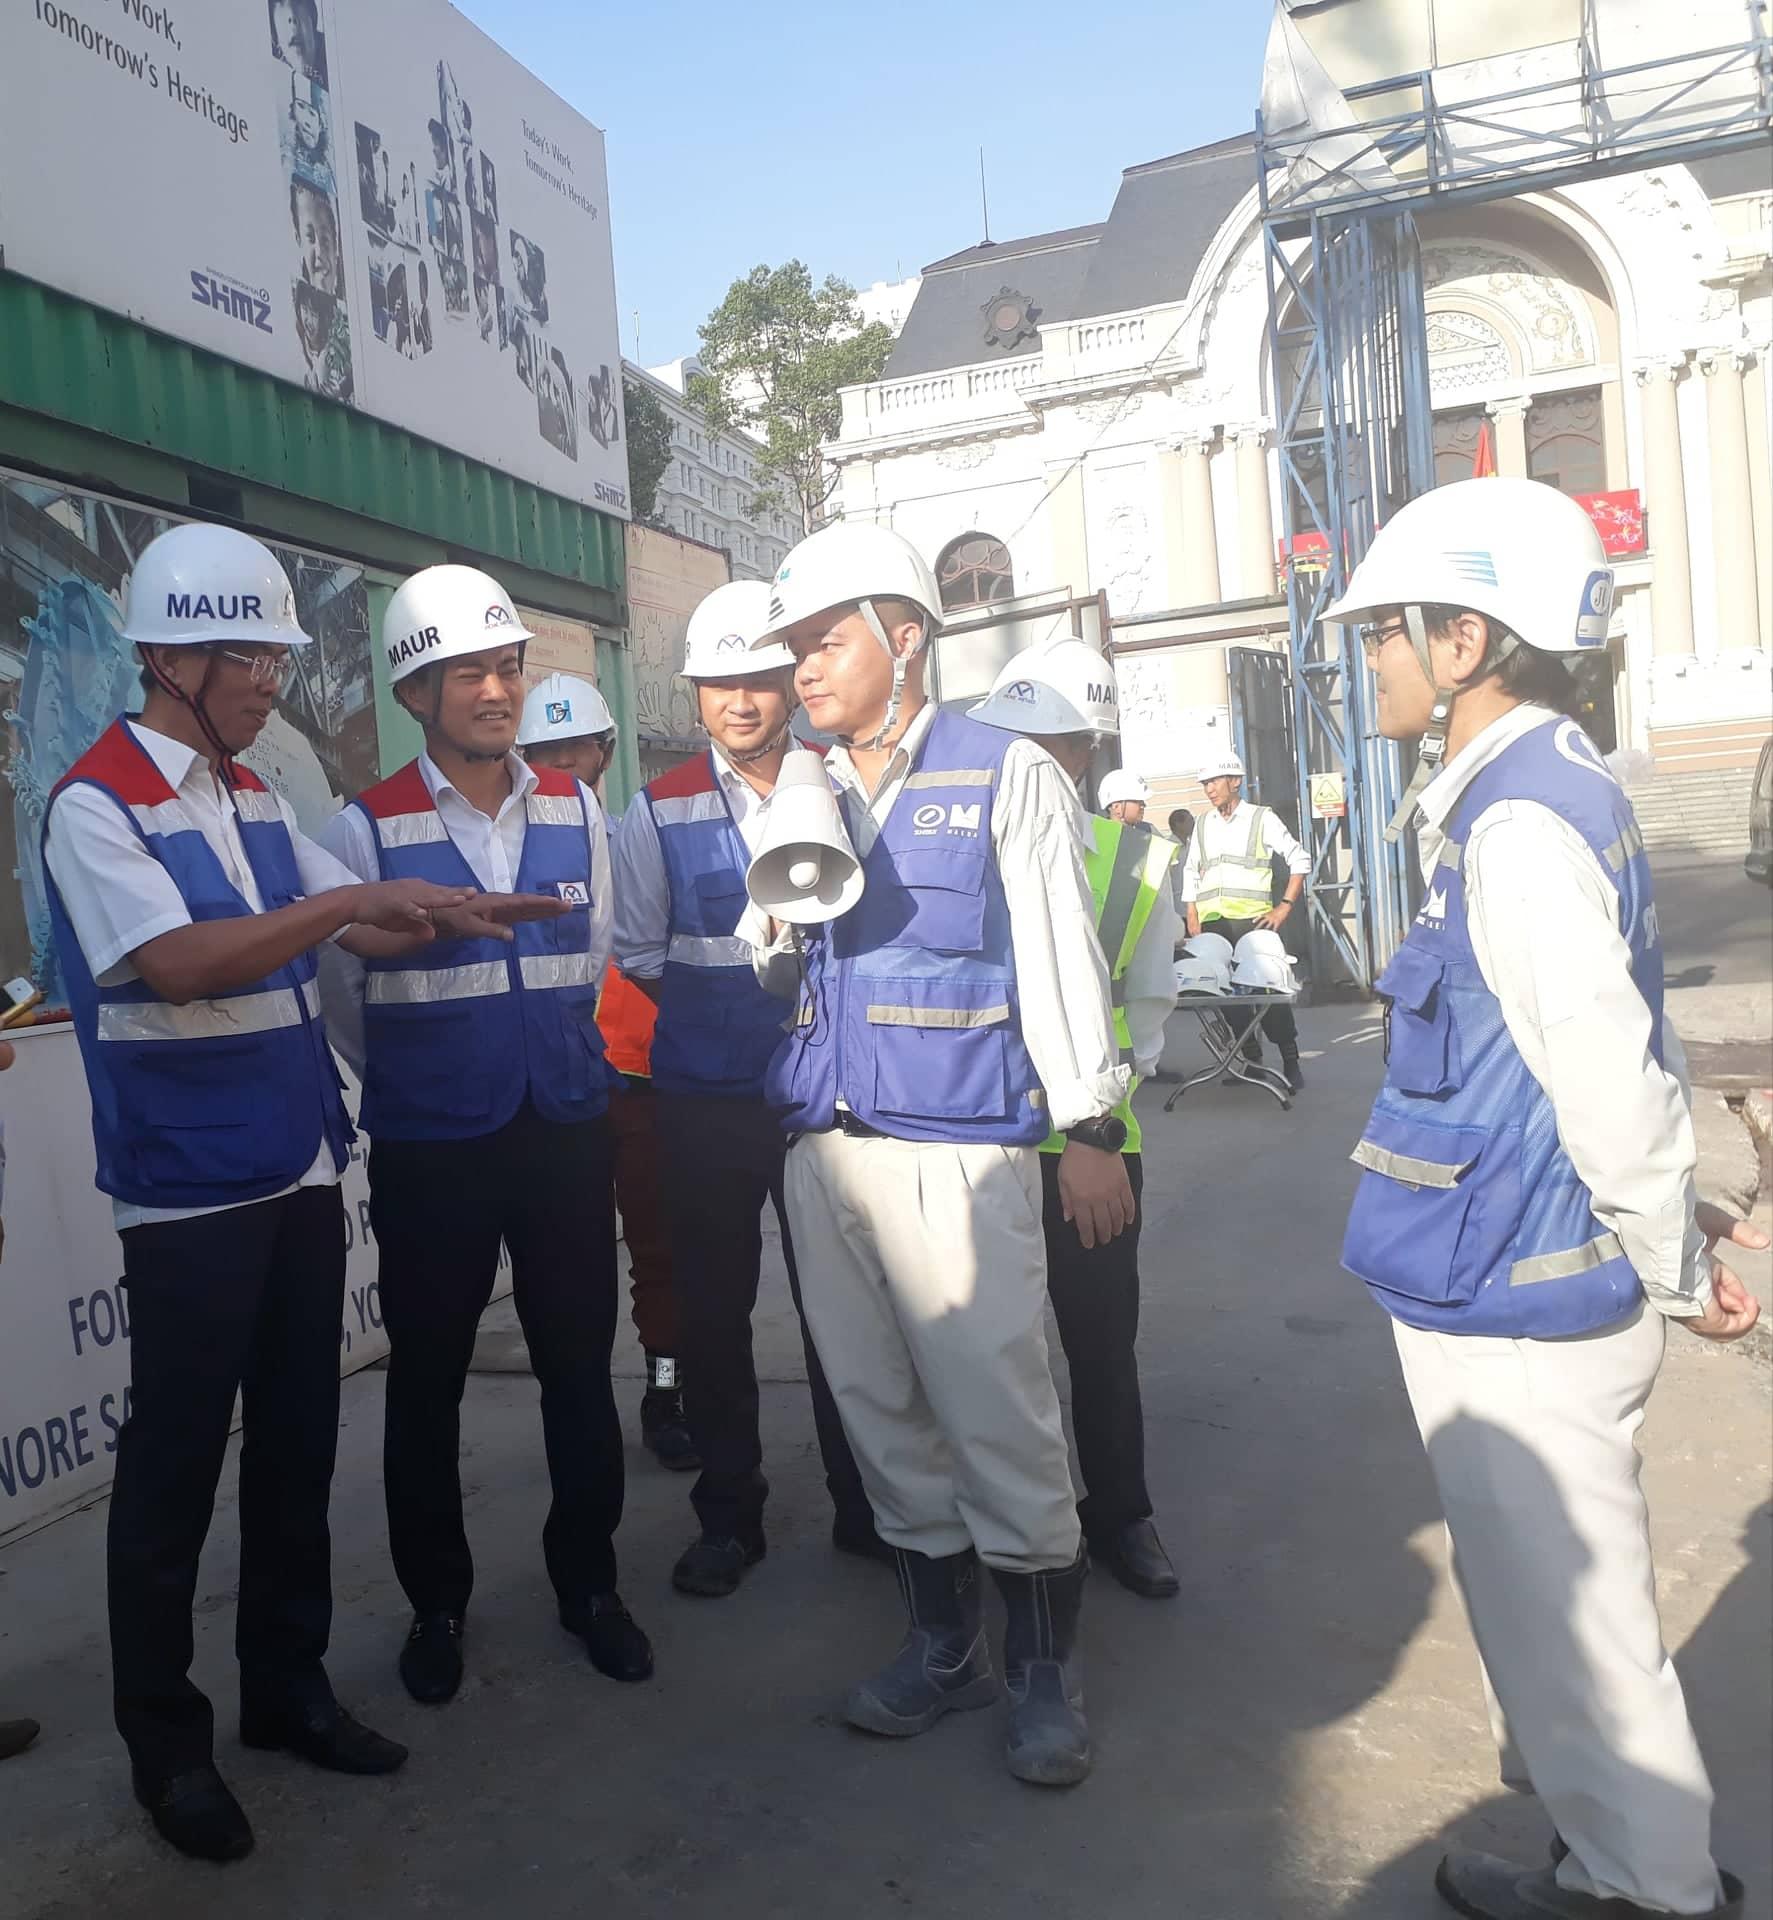 Phó chủ tịch UBND TPHCM Võ Văn Hoan cho rằng, với những công đoạn dự kiến hoàn thành trong tháng 4/2020, có thể đẩy nhanh vào tháng 3/2020